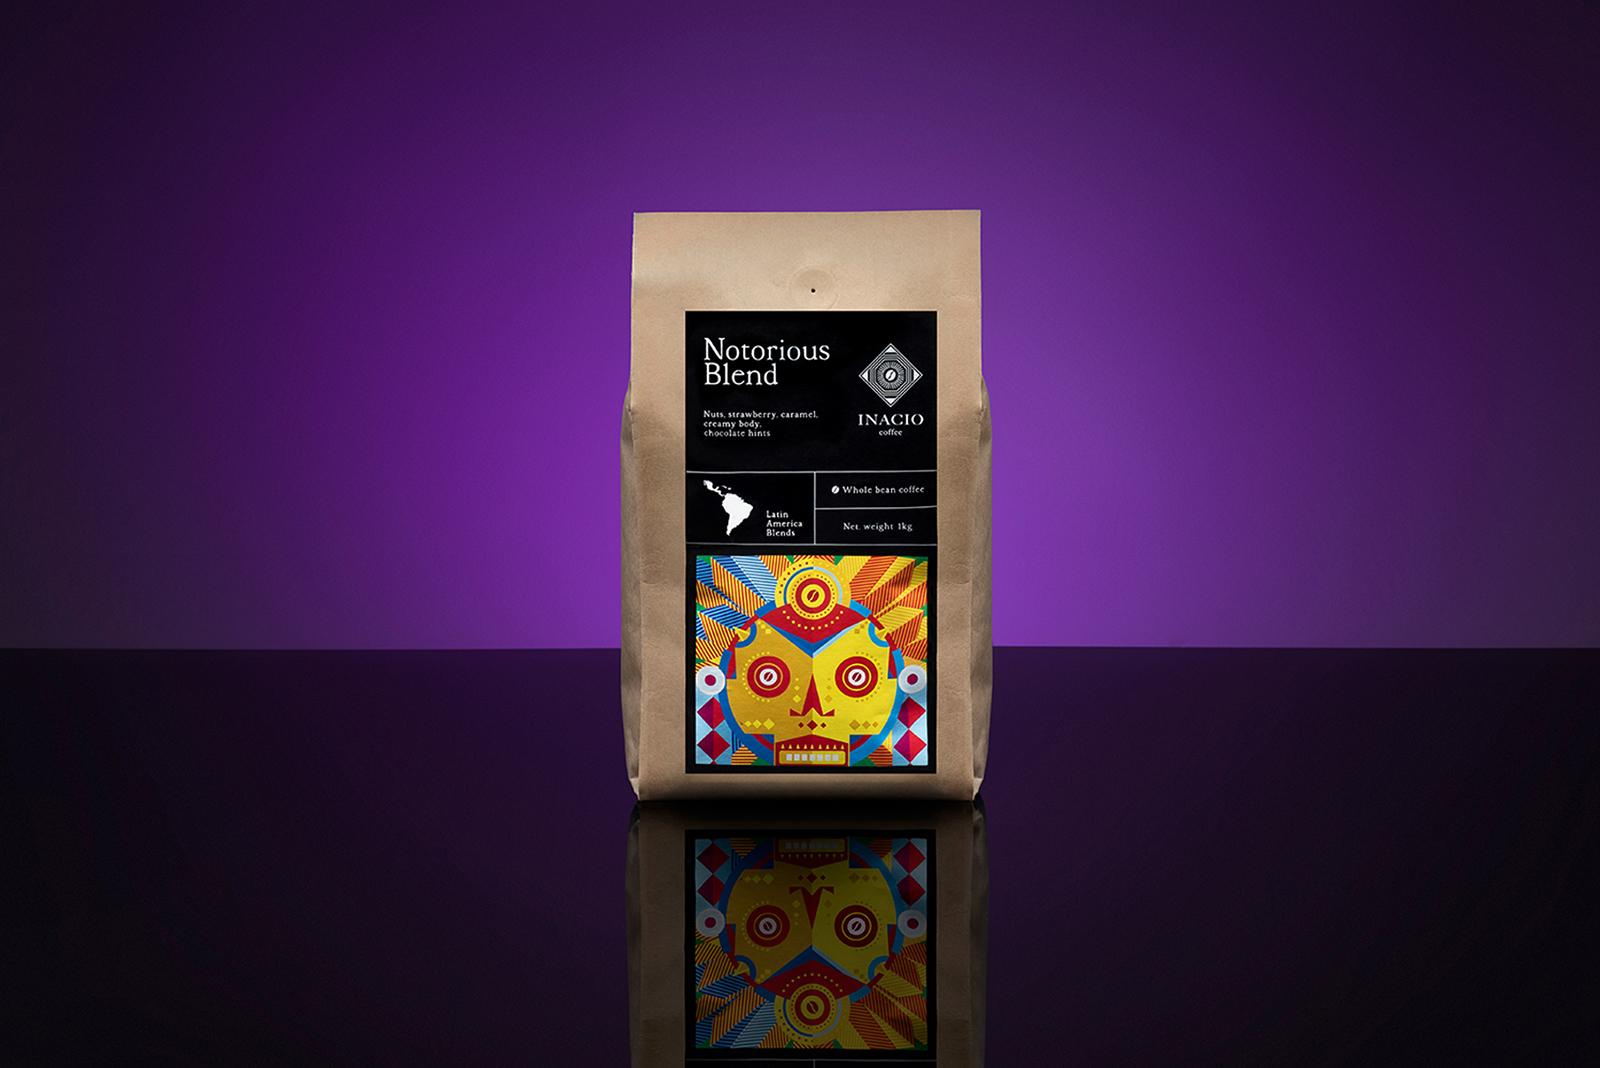 yiaki design - Inacio Coffee2.jpg